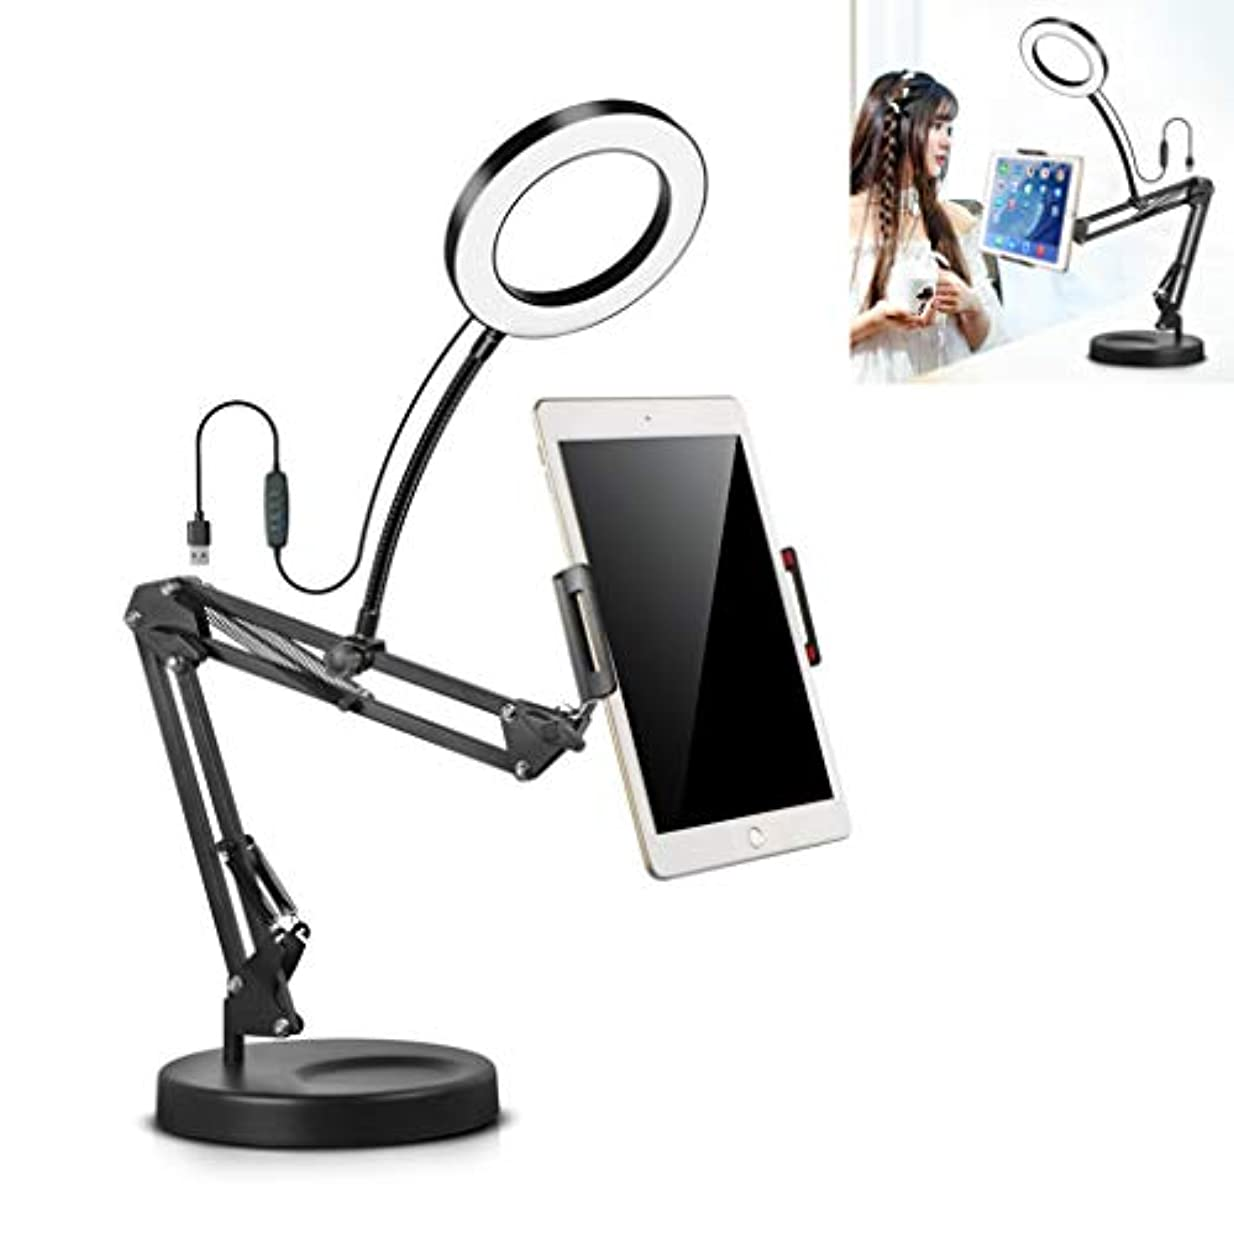 反対につまずくさまようスタンド付きLEDデスクトップリングライト、タブレットPC&携帯電話のUSB電源テーブルランプのための調節可能なホルダー,26cm